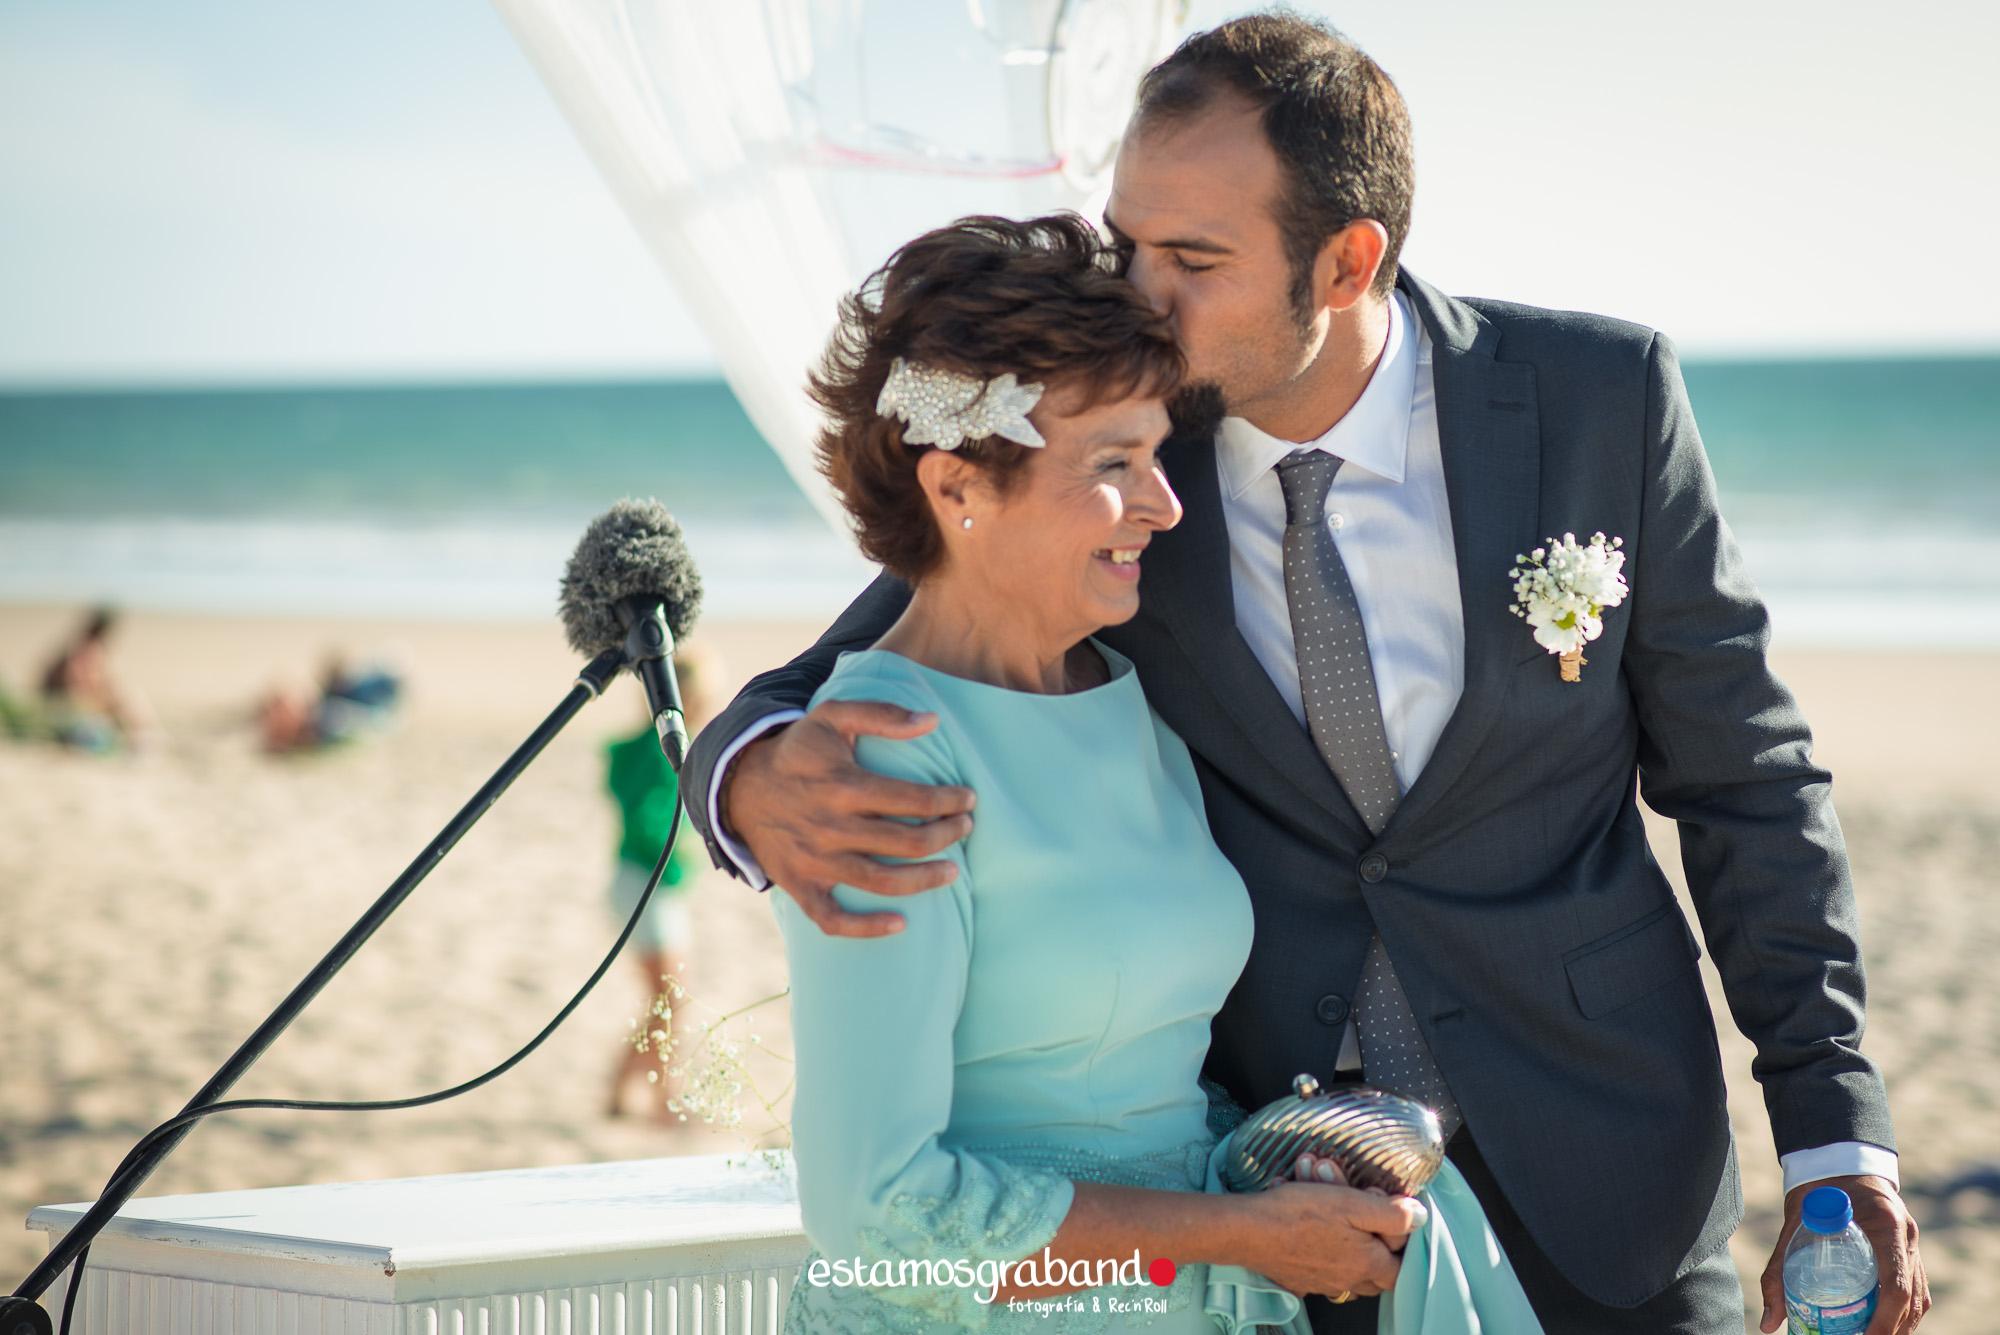 LARA-Y-MIGUE-BACK-TO-DE-THE-WEDDING-5-2 Los invitados de Lara & Migue [Back to the wedding_Club de Golf Costa Ballena] - video boda cadiz